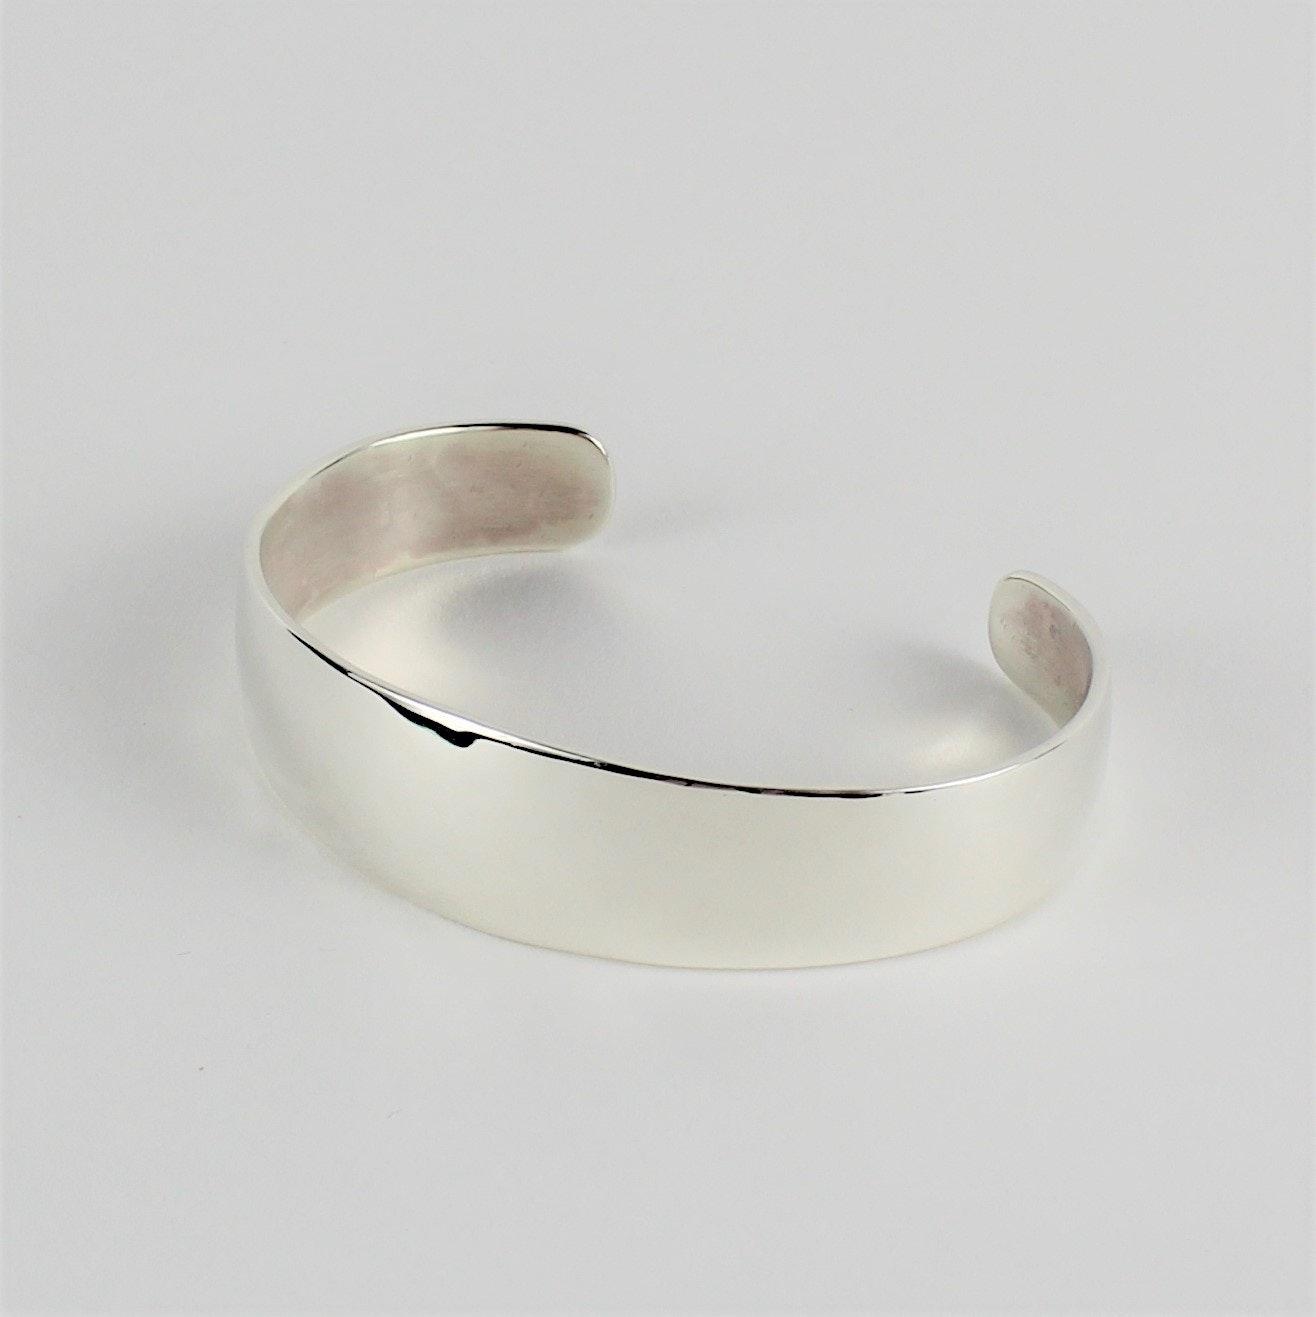 Ann Curley Navajo Sterling Silver Cuff Bracelet